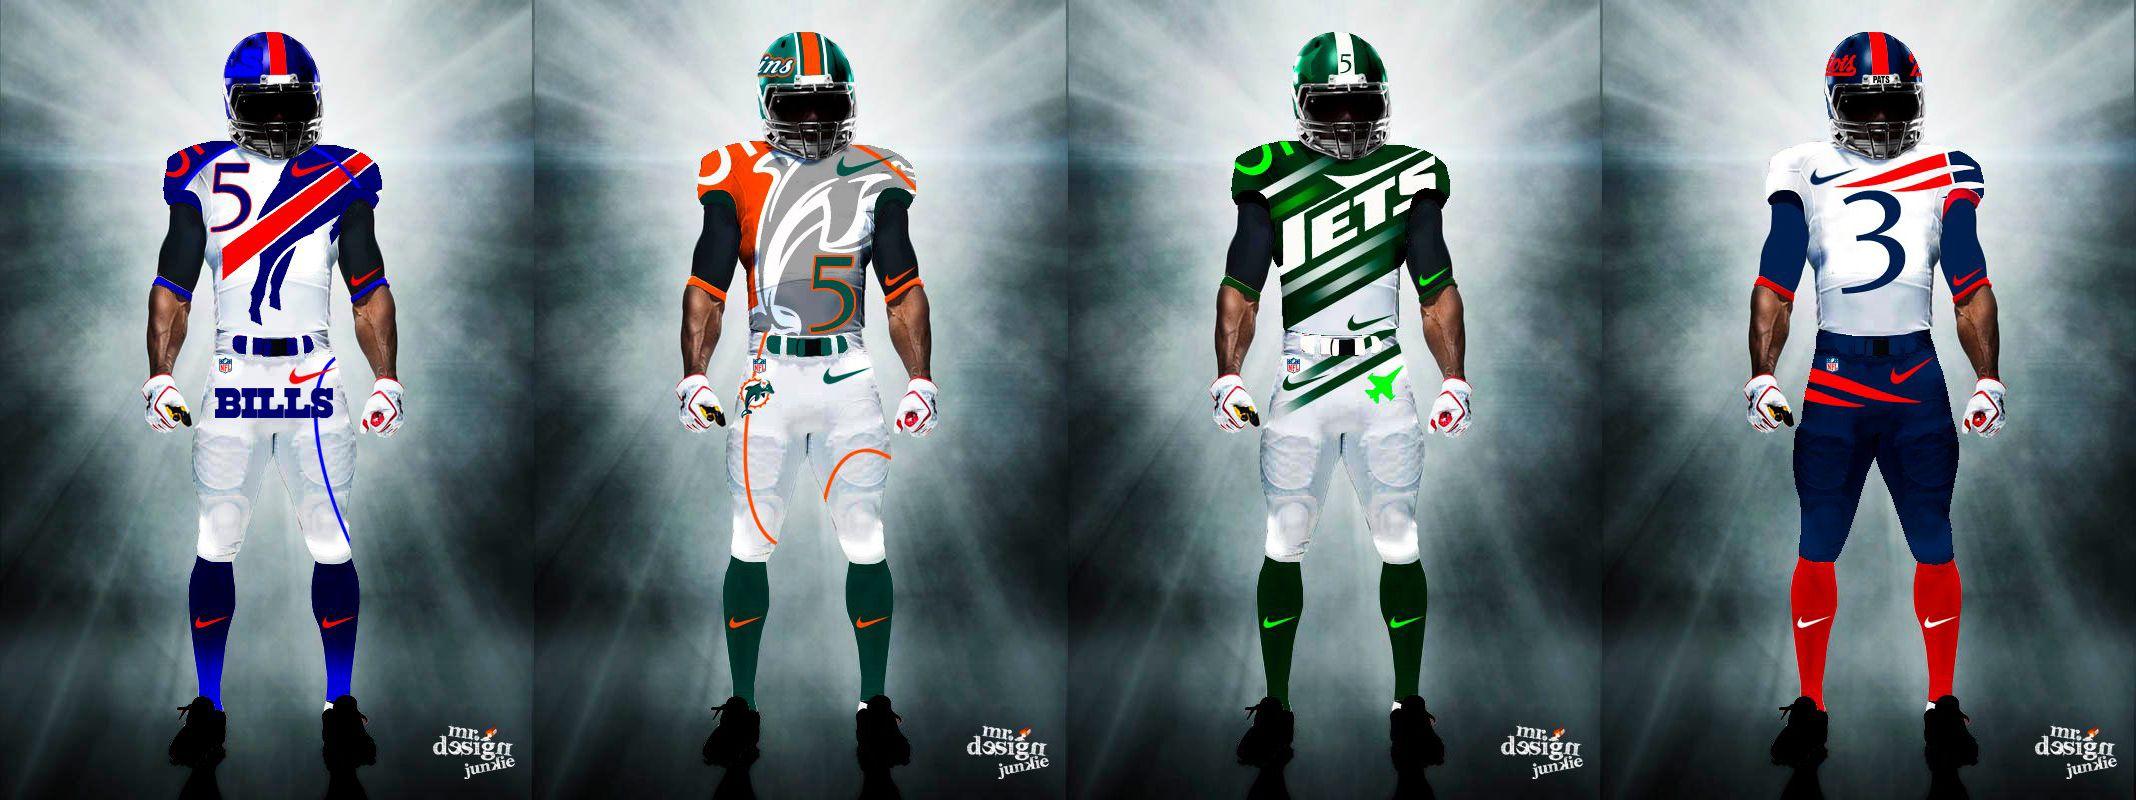 Mr Design Junkie All 32 Nfl Team S Uniforms Redesigned New Nfl Uniforms Nfl Uniforms 32 Nfl Teams